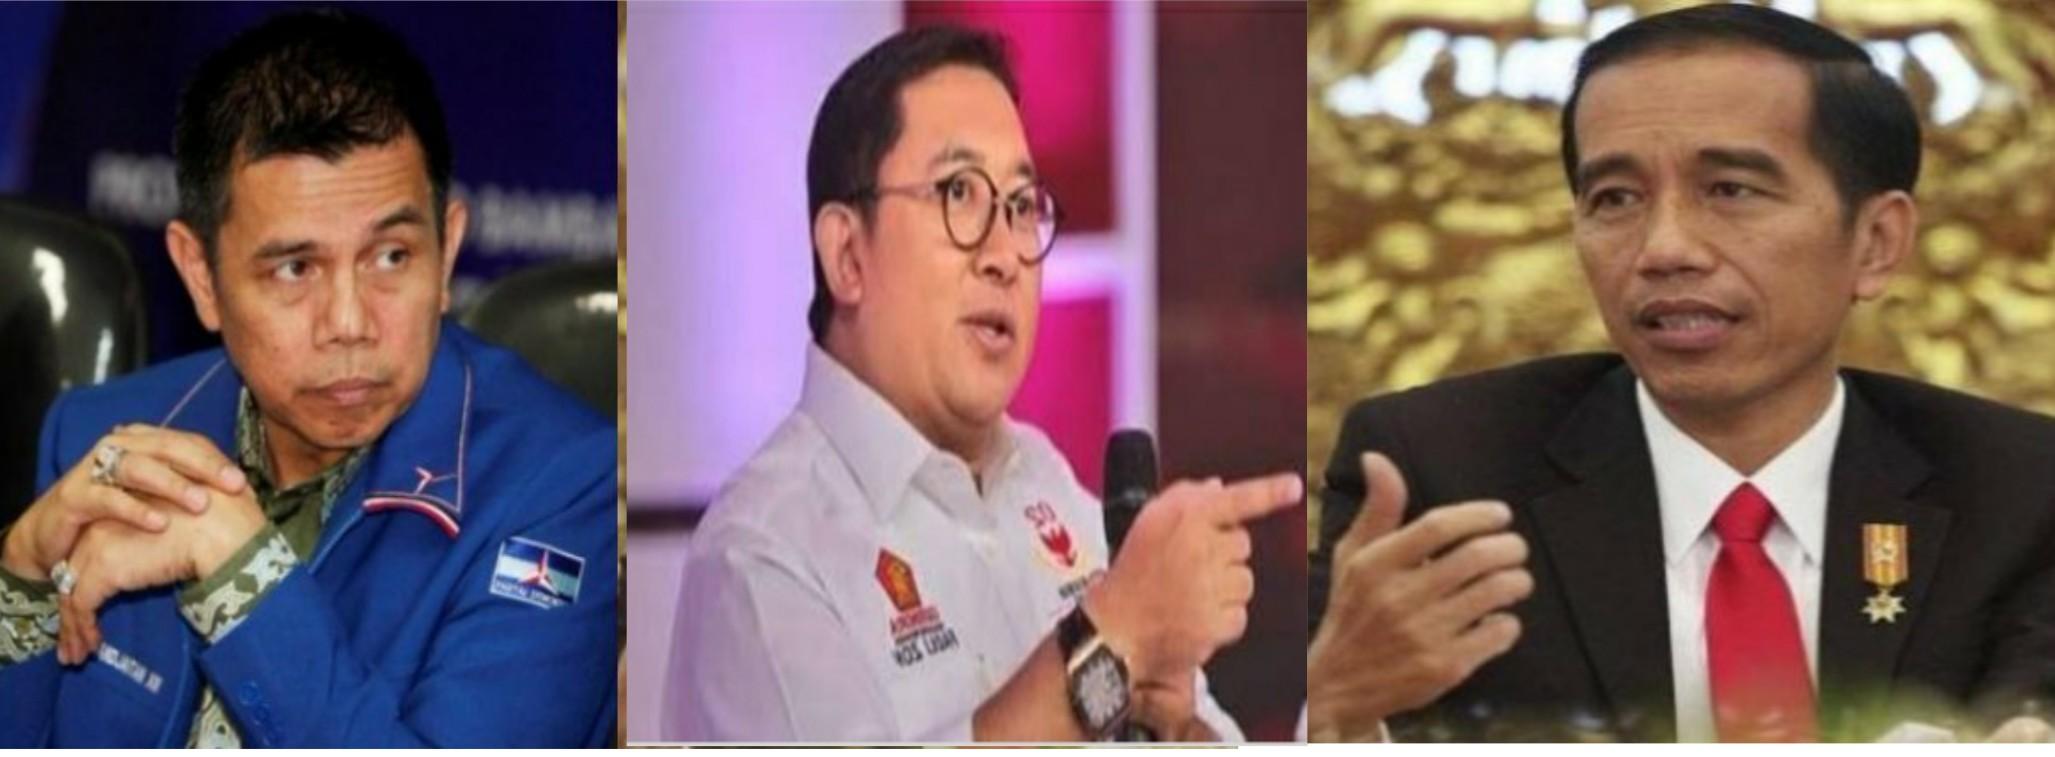 """Jokowi Mendapat Tantangan Keras dari """"Fadli Zon dan Hinca Pandjaitan"""""""